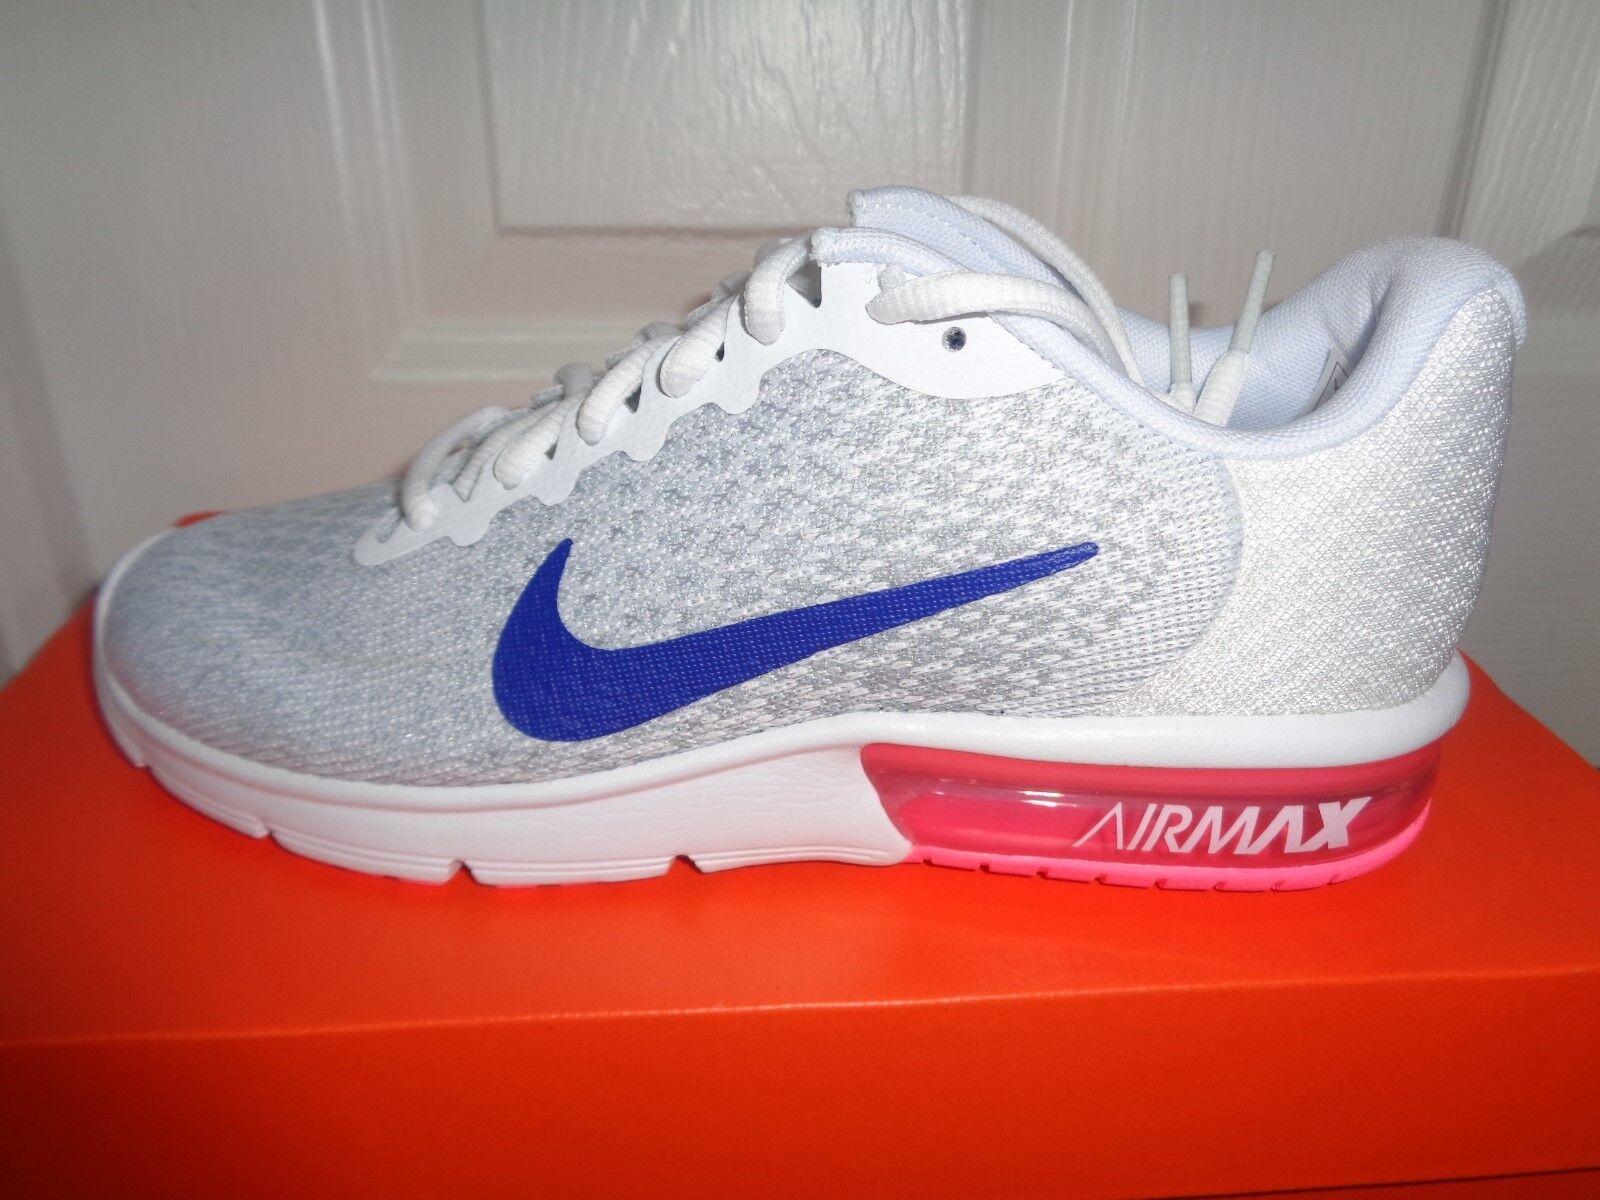 promo code 82fe4 d1e06 Nike Air Max Sequent 2 Mujeres Zapatillas Zapatos 852465 146 nos 7 Nuevo +  Caja